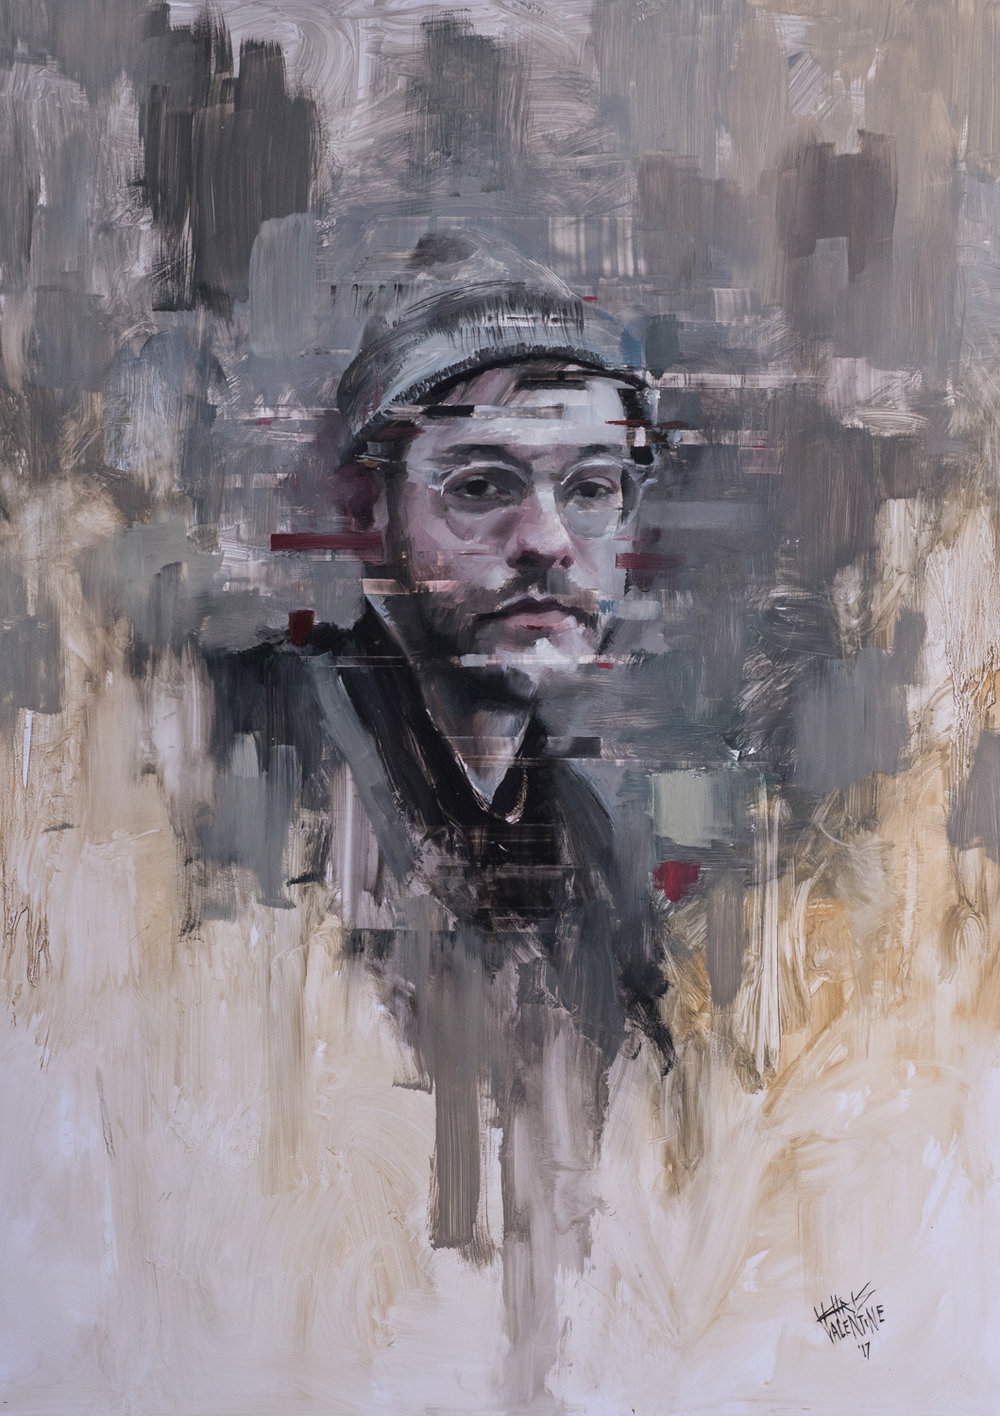 Chris Valentine  White Noise  Oil on panel  84.10 x 59.40 cm